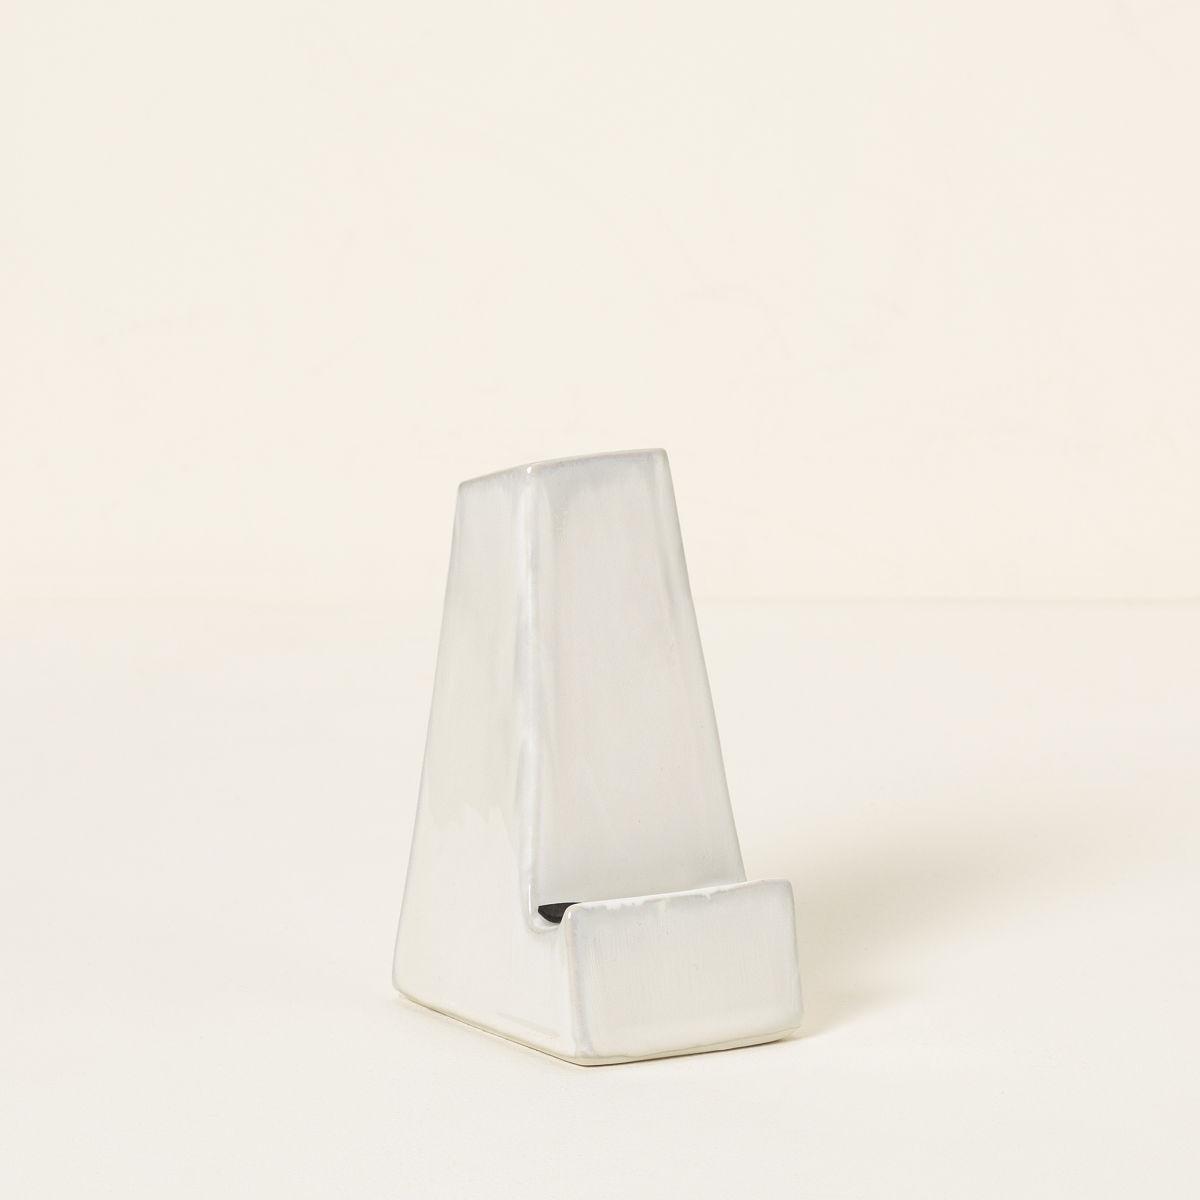 bedside smartphone vase 2 thumbnail - Flower Vase